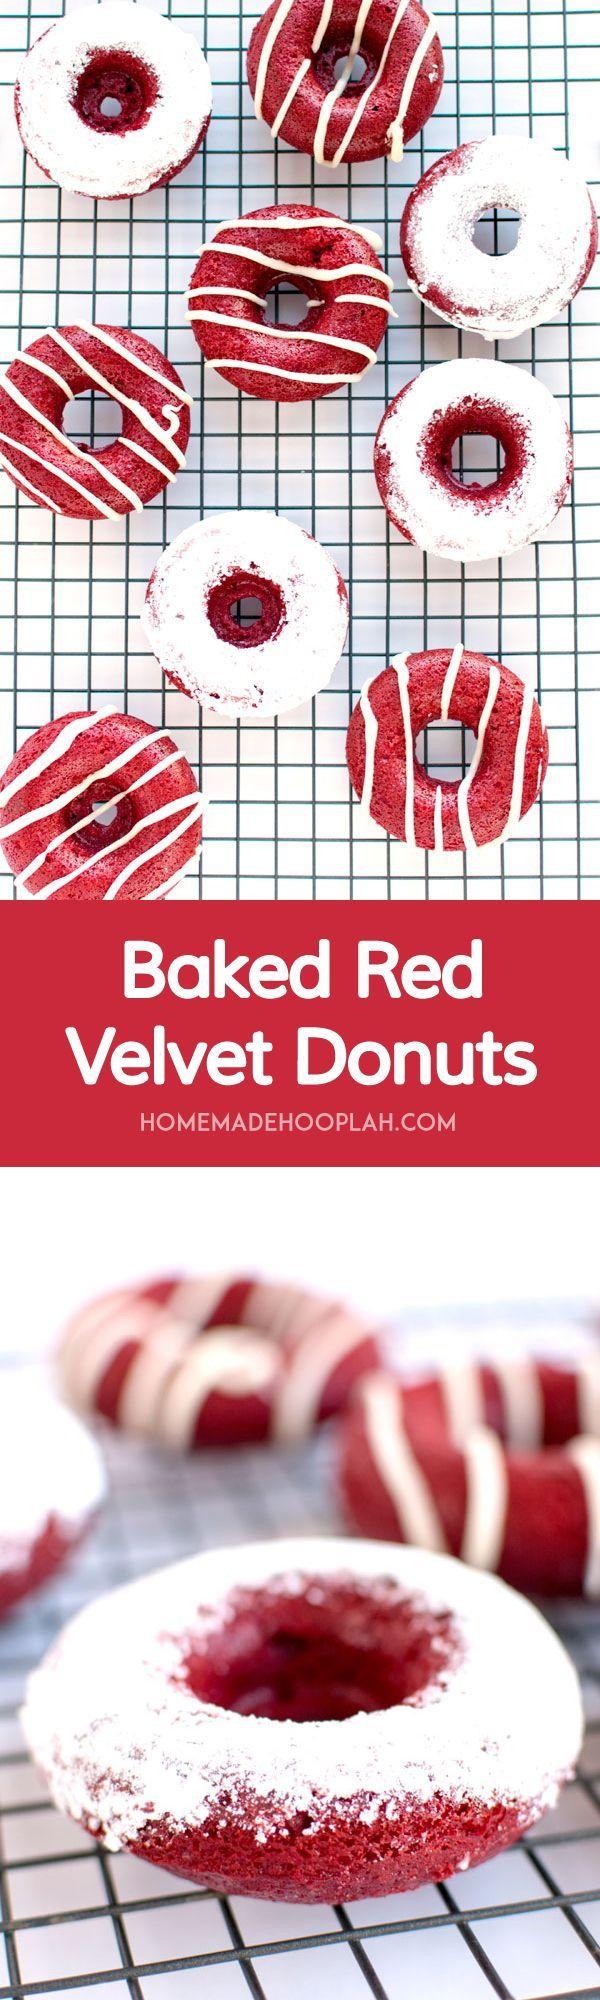 Donas horneadas red velvet, como postre para tu evento. #PostresParaEventos